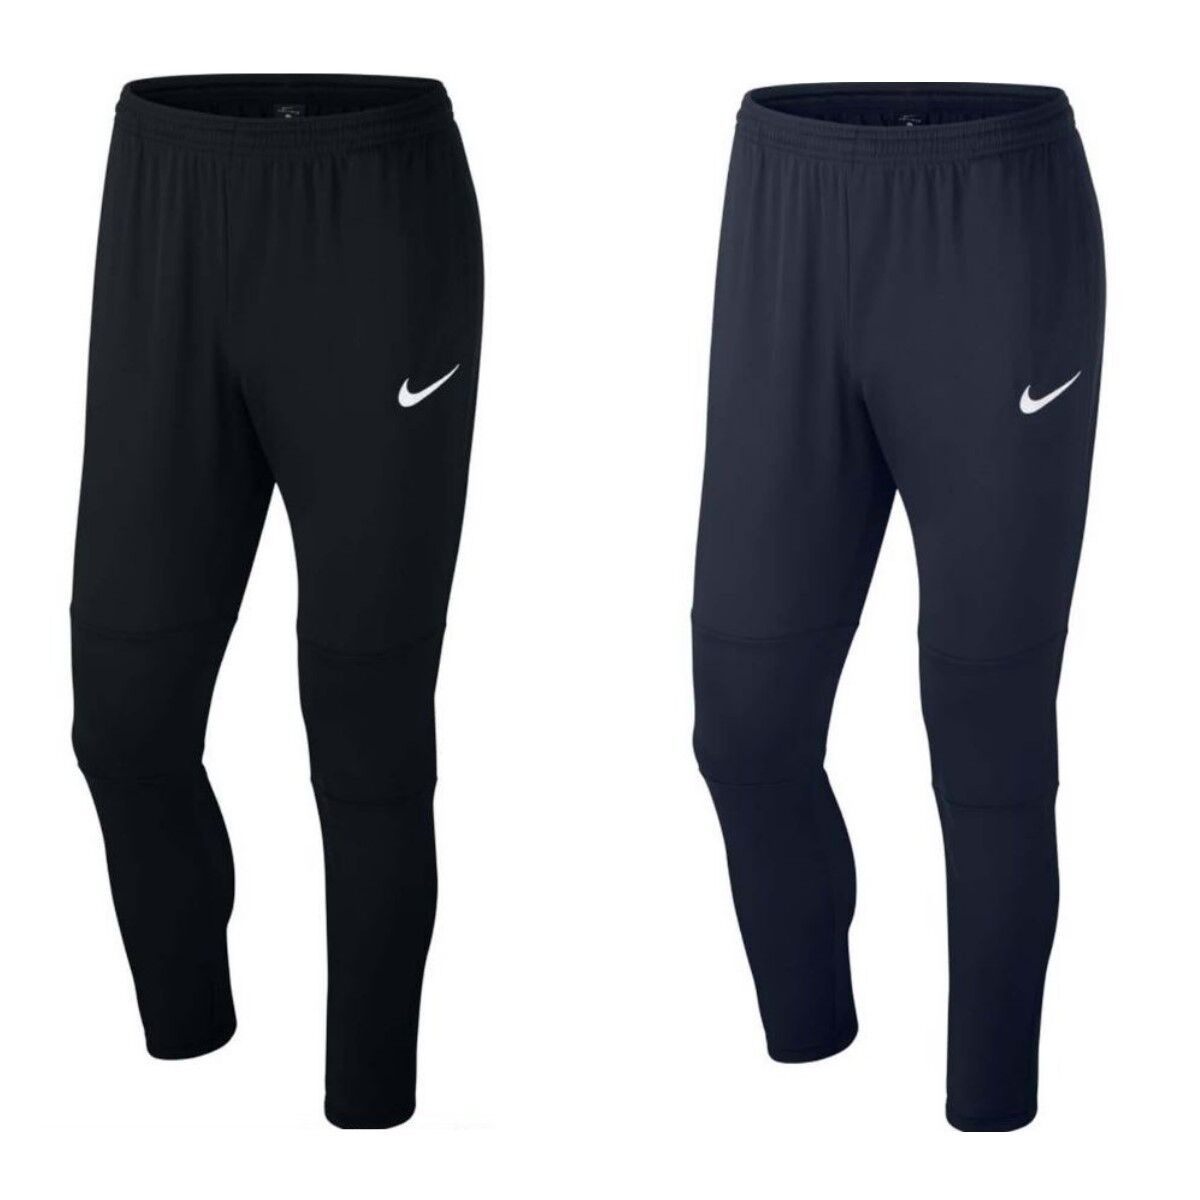 022529dcfe272b Nike Jogging Hose Hosen Herren Männer Trainingshose Sporthose Jogginghose  lang